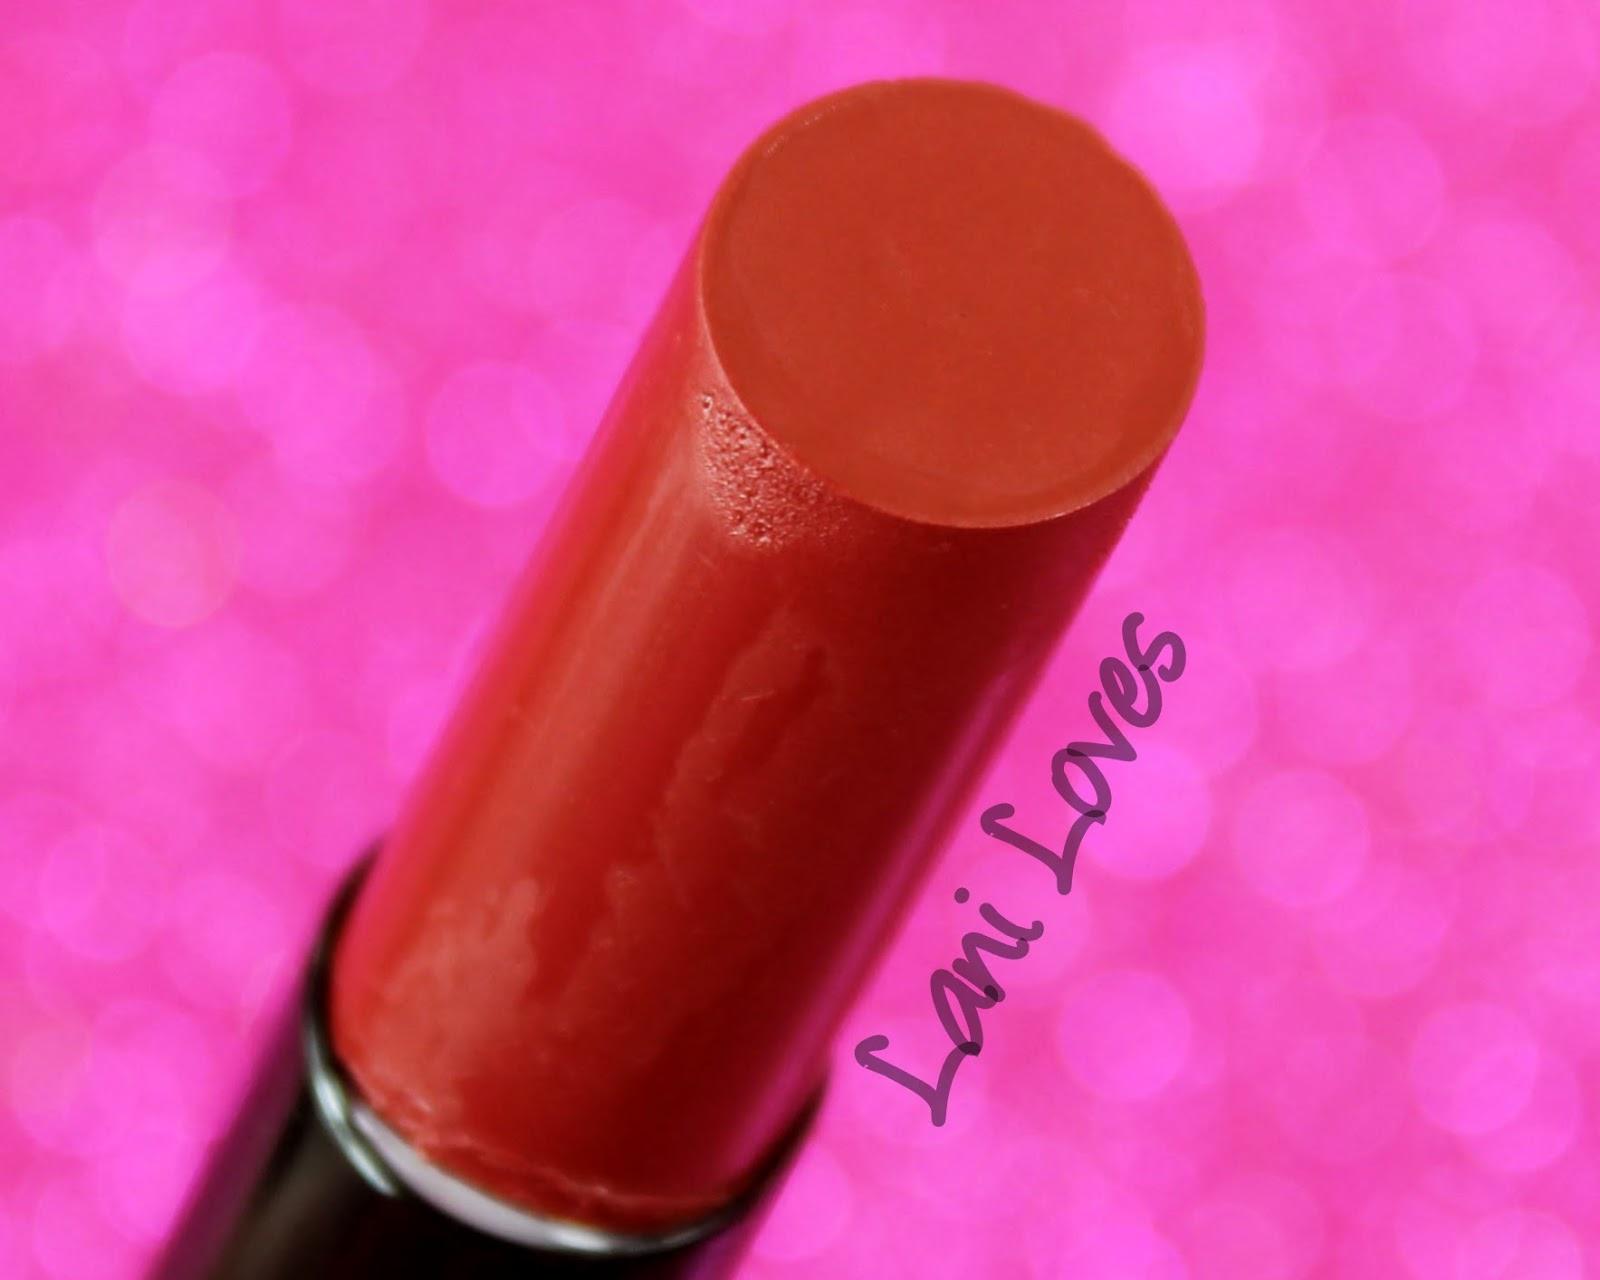 ZA Vibrant Moist Lipstick - RD555 swatches & review